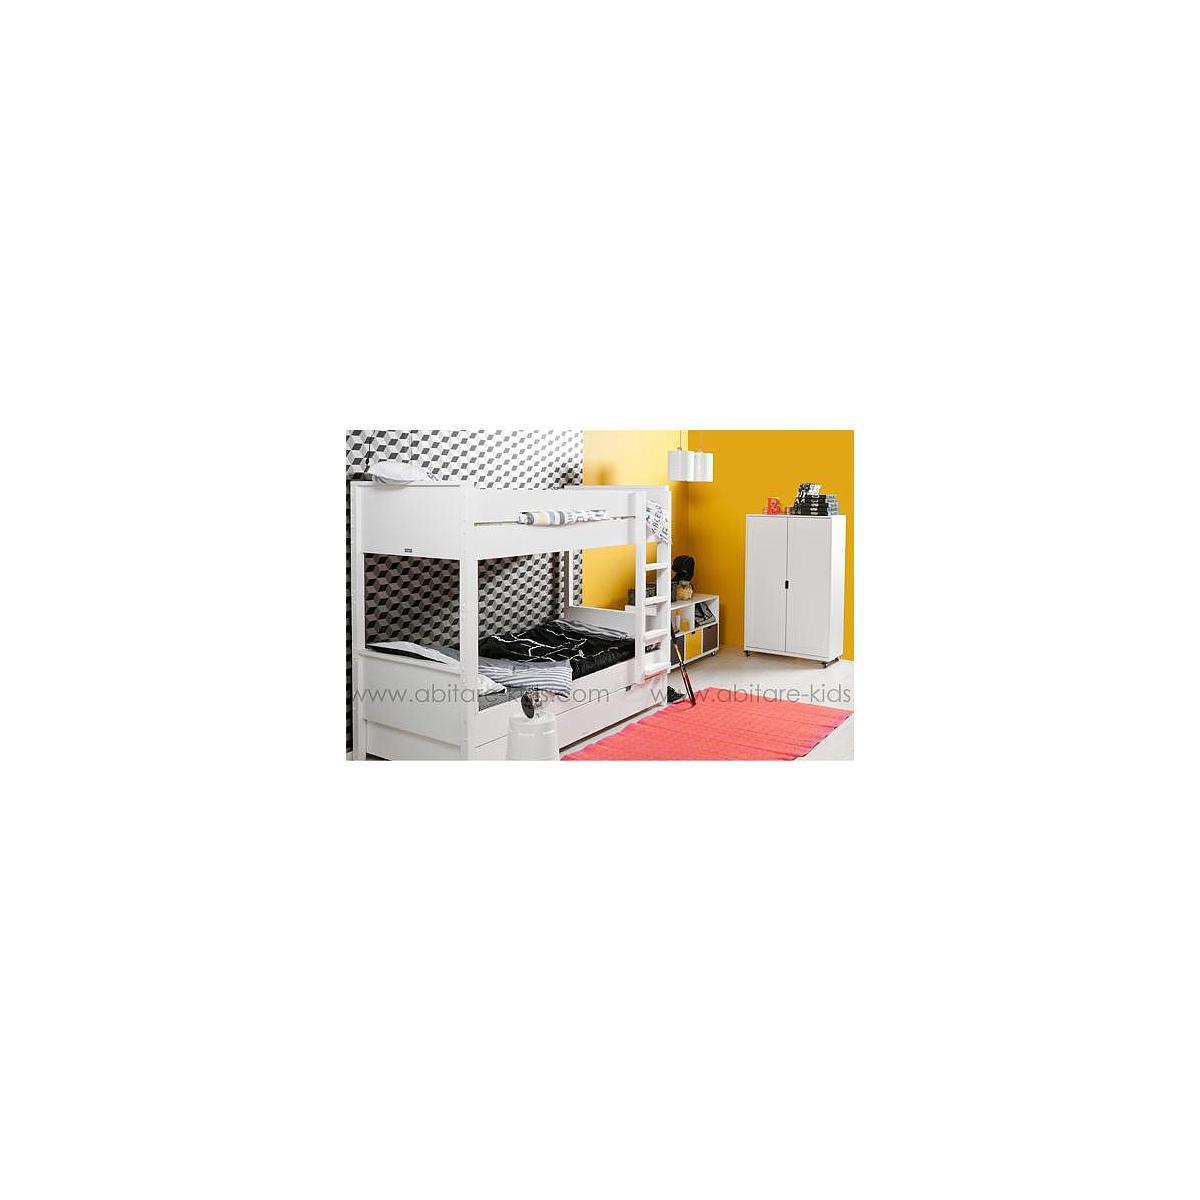 COMBIFLEX by Bopita Lits supérposés avec tiroir + armoire et commode avec rangement tiroirs inclus